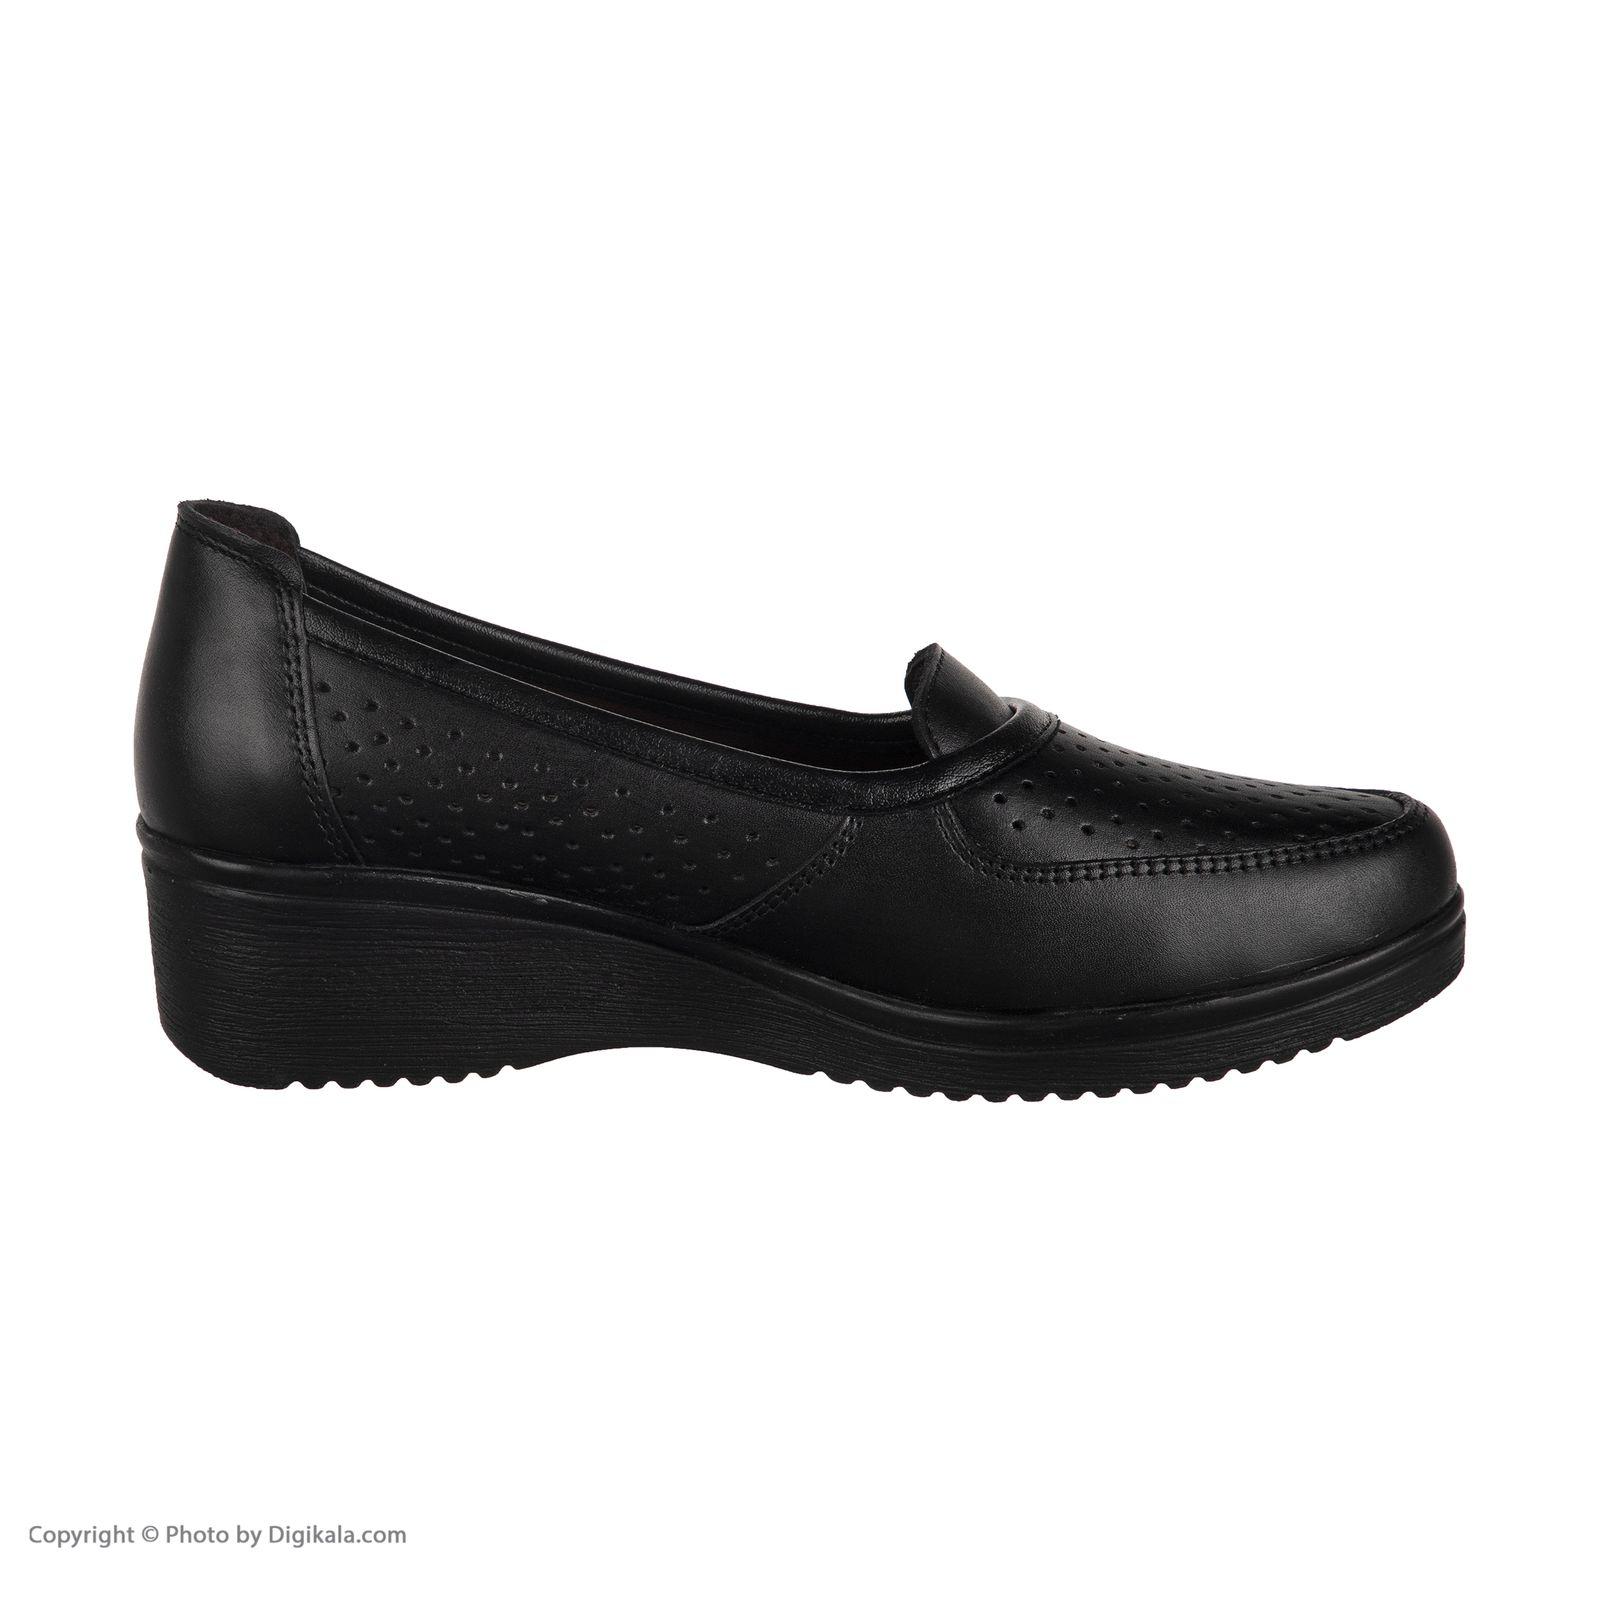 کفش روزمره زنانه سوته مدل 3054B500101 -  - 6